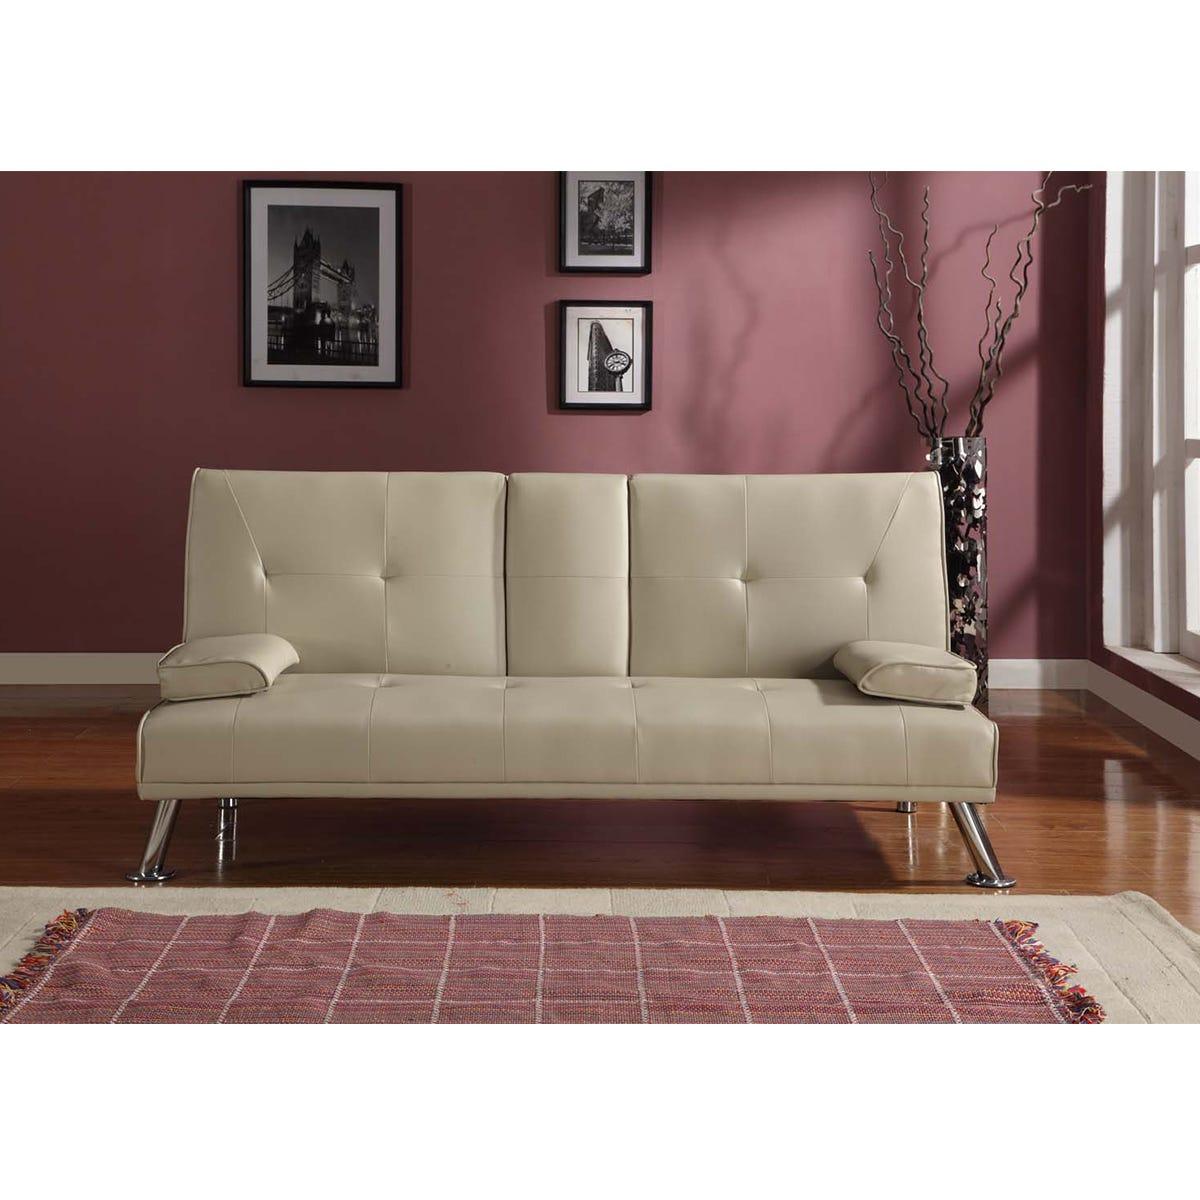 Yamba Sofa Bed - Cream